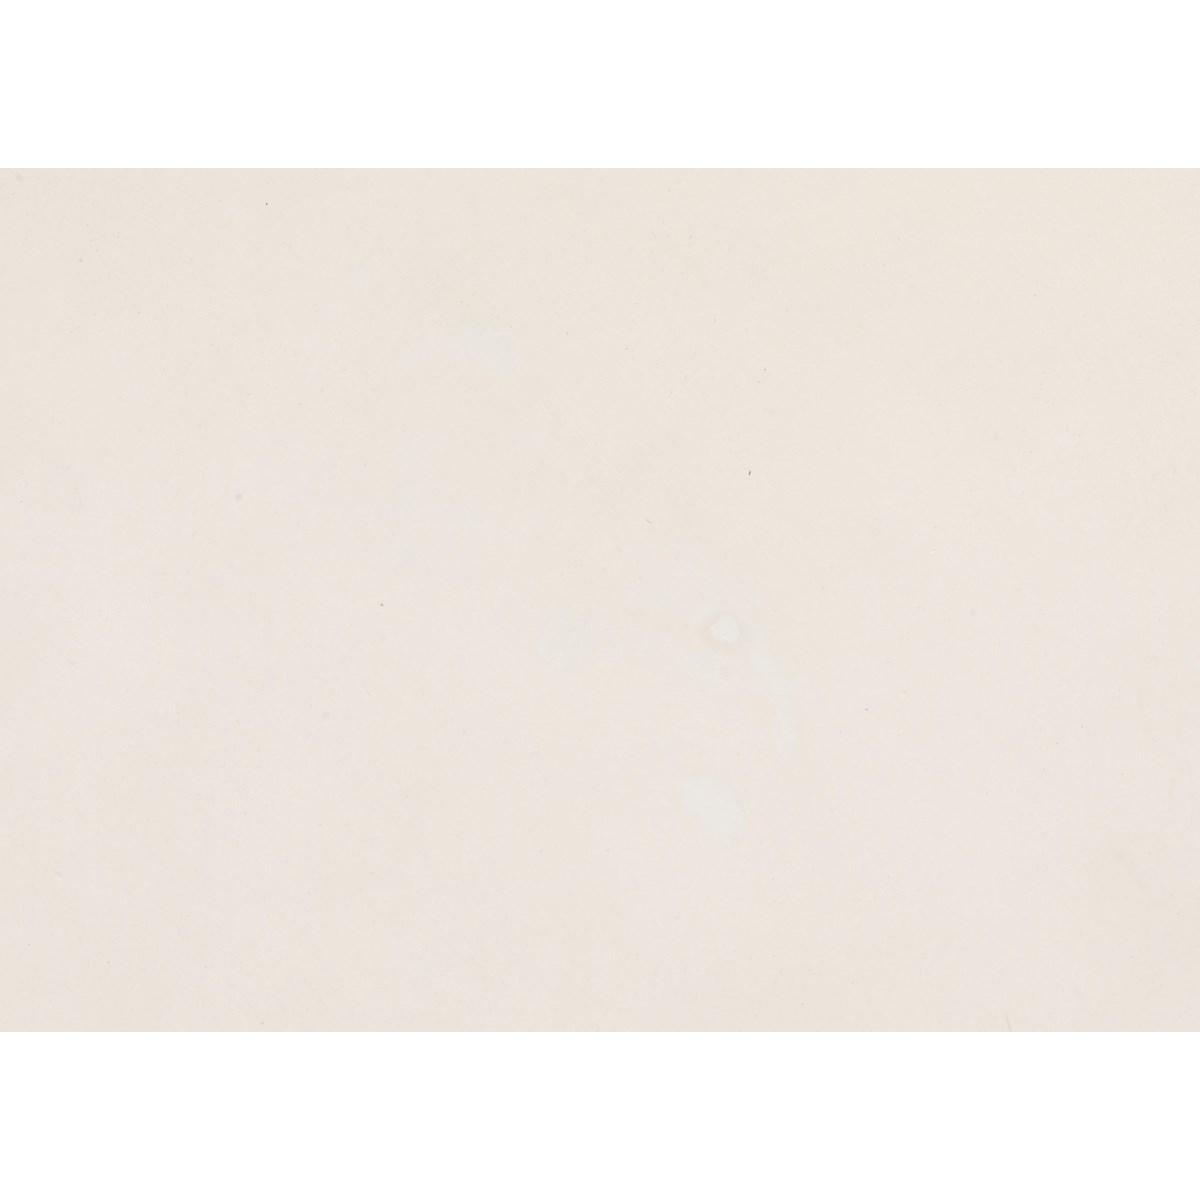 Laramy Side Table, White Fiber Cement